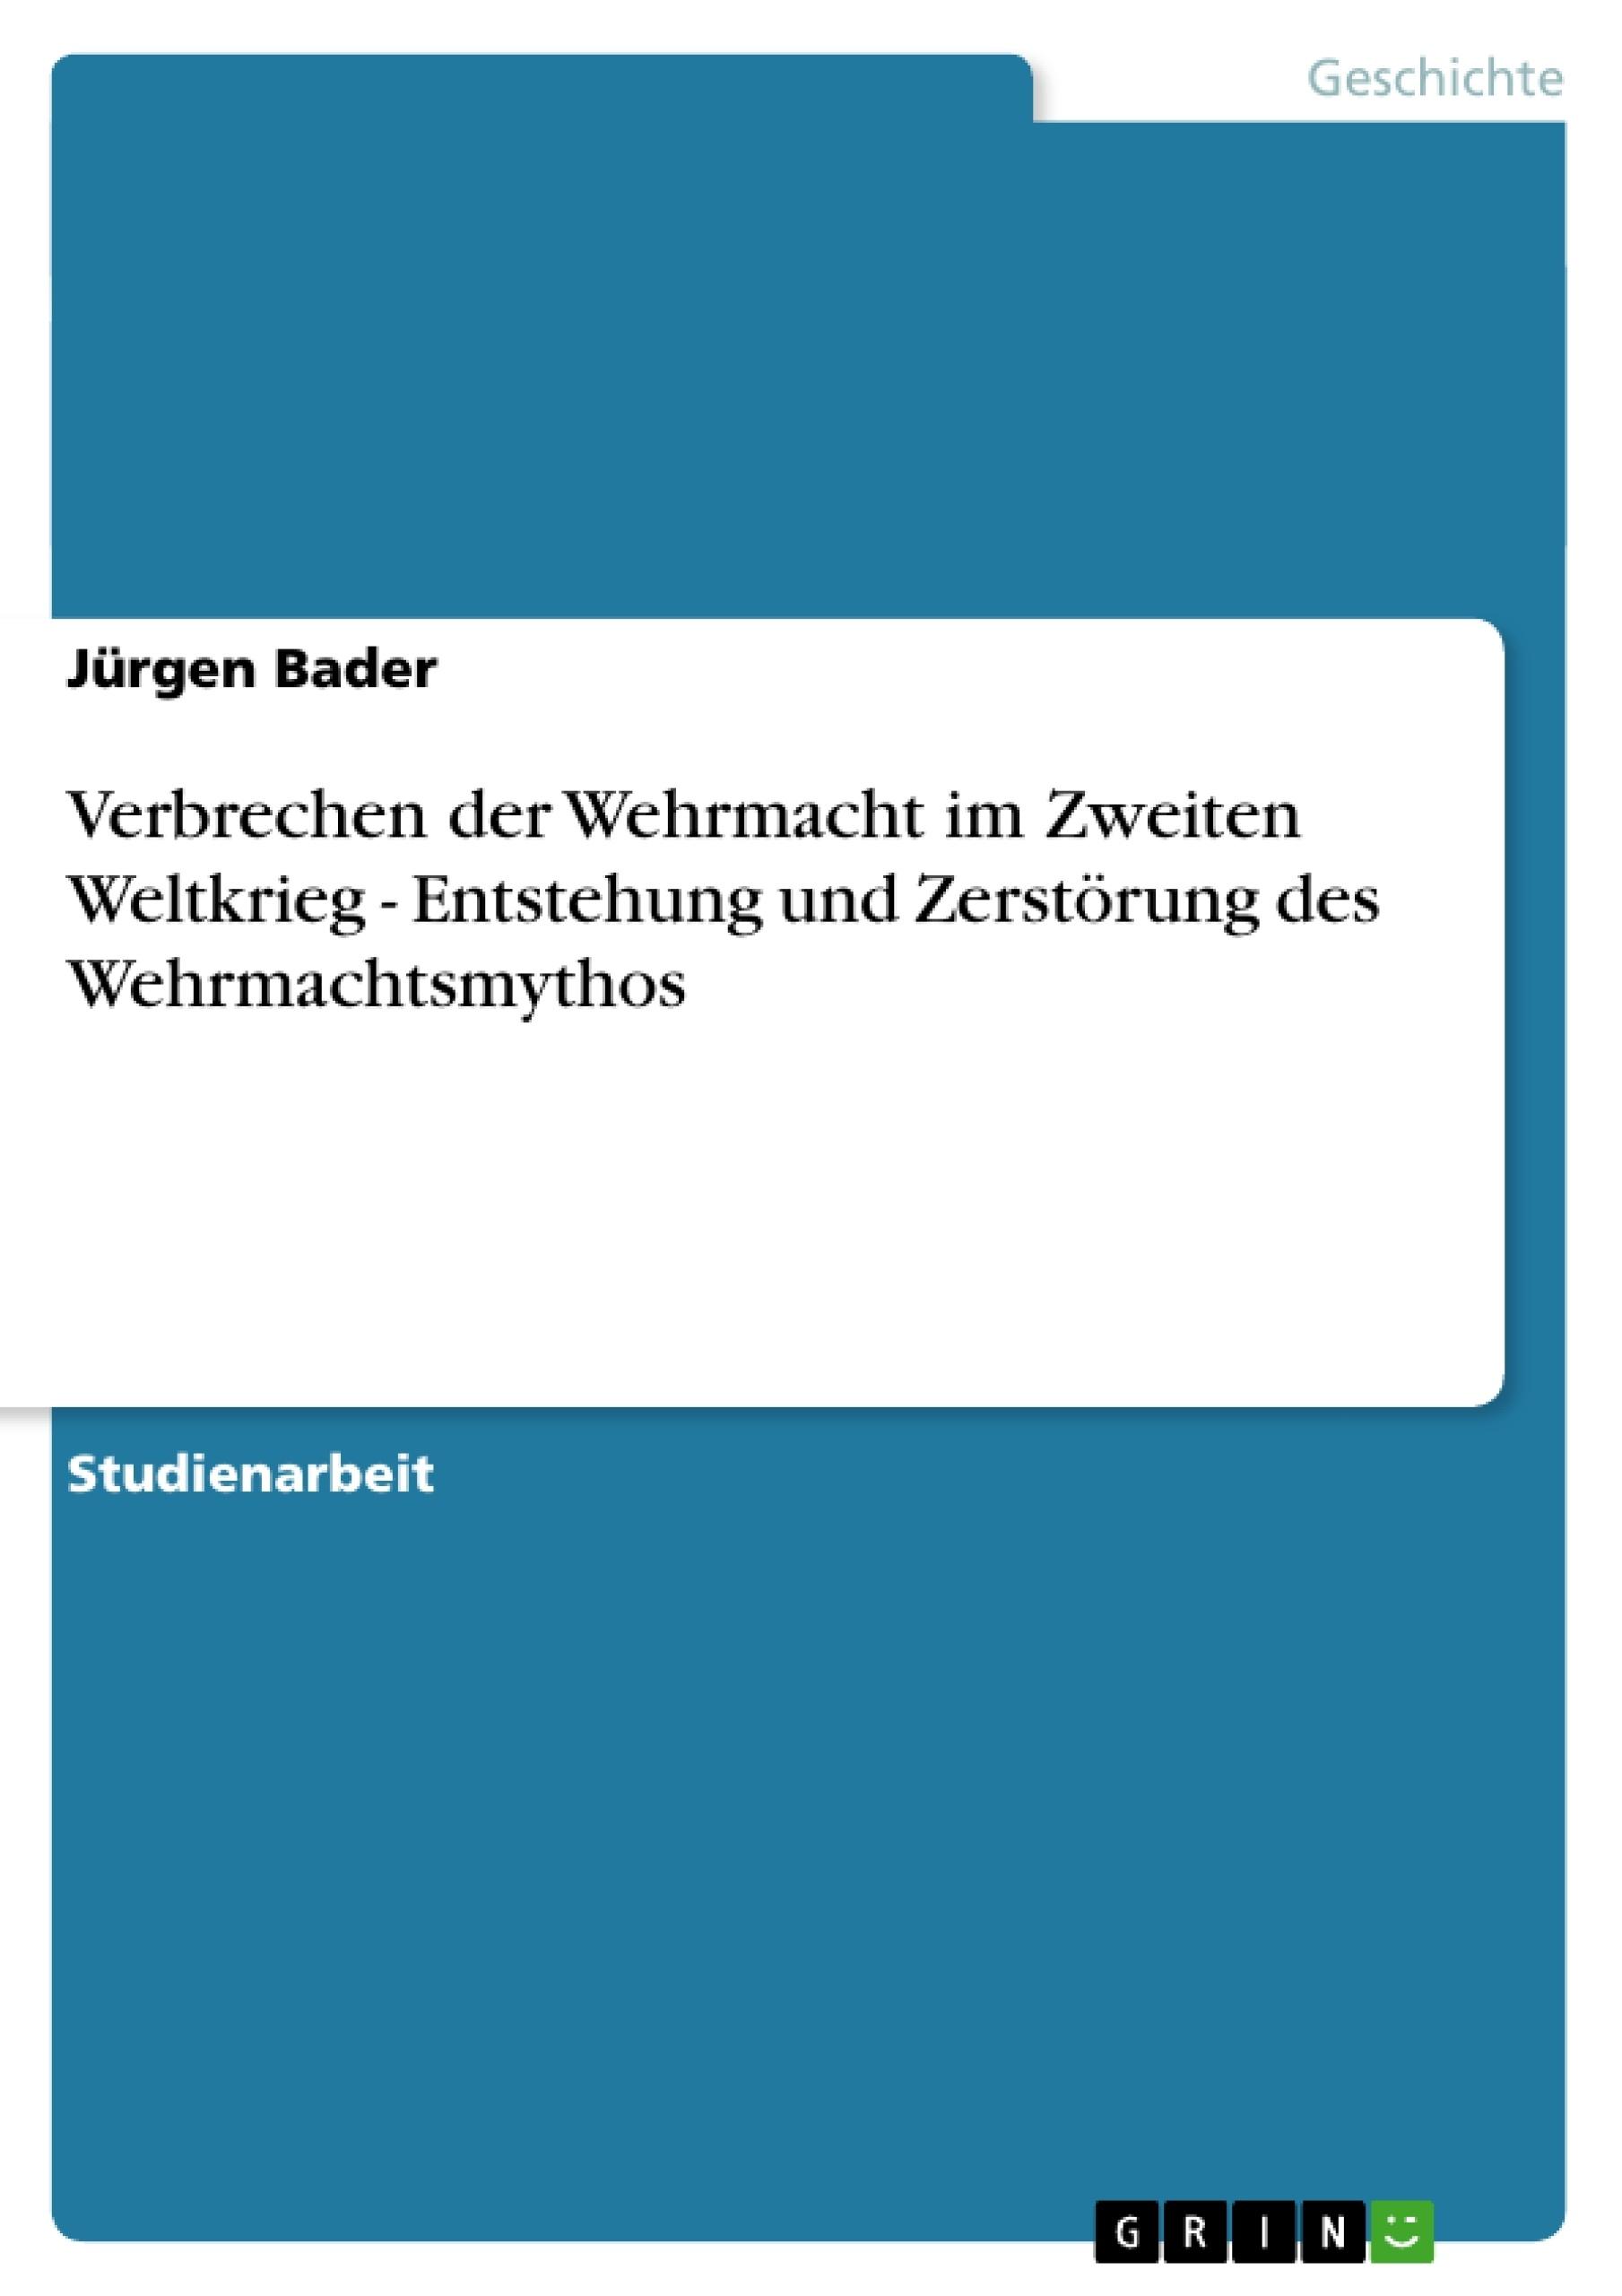 Titel: Verbrechen der Wehrmacht im Zweiten Weltkrieg - Entstehung und Zerstörung des Wehrmachtsmythos